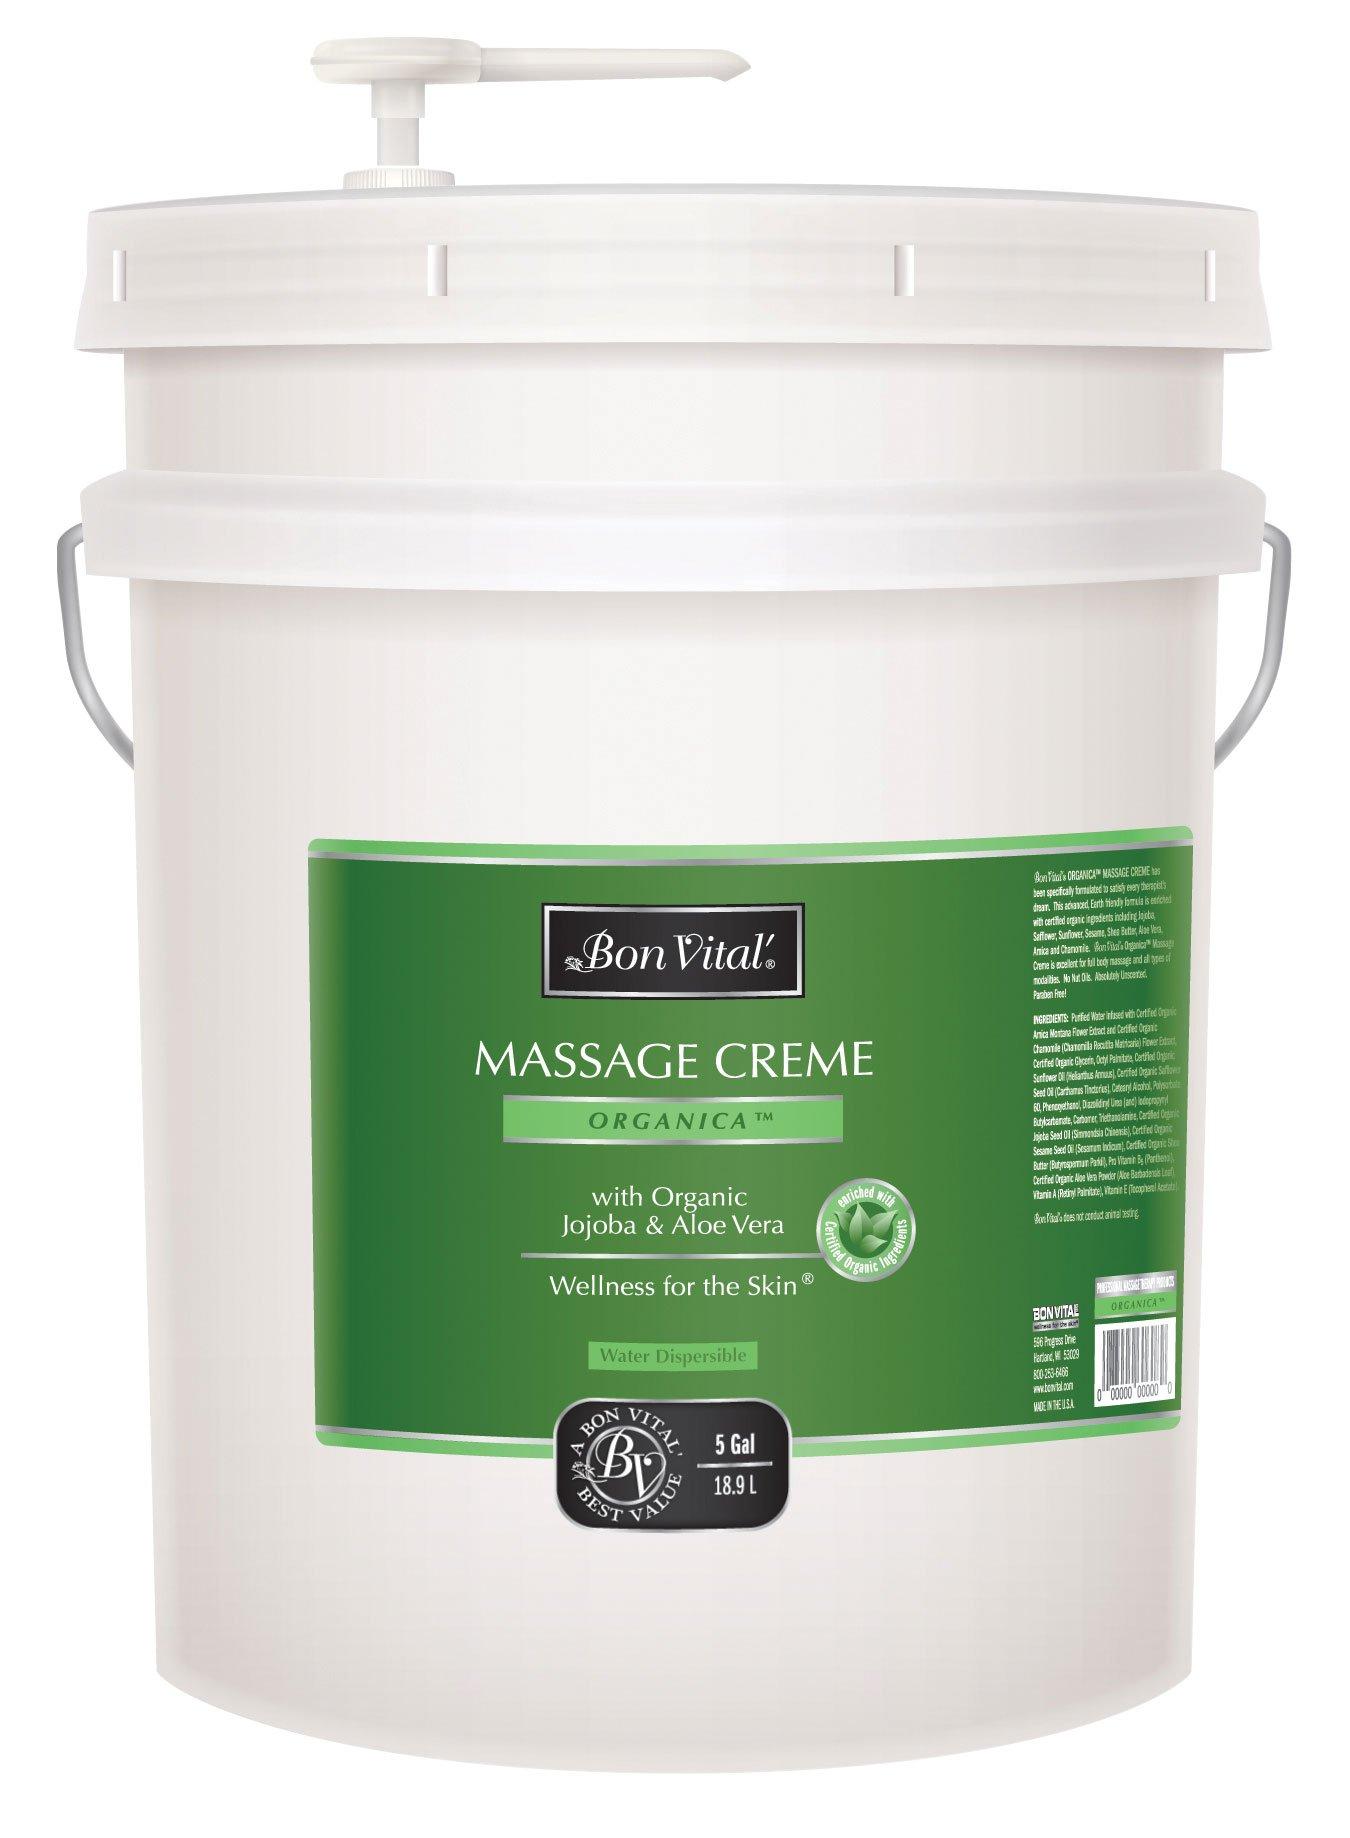 Bon Vital Organica Massage Creme, 5 Gallon Pail by Bon Vital